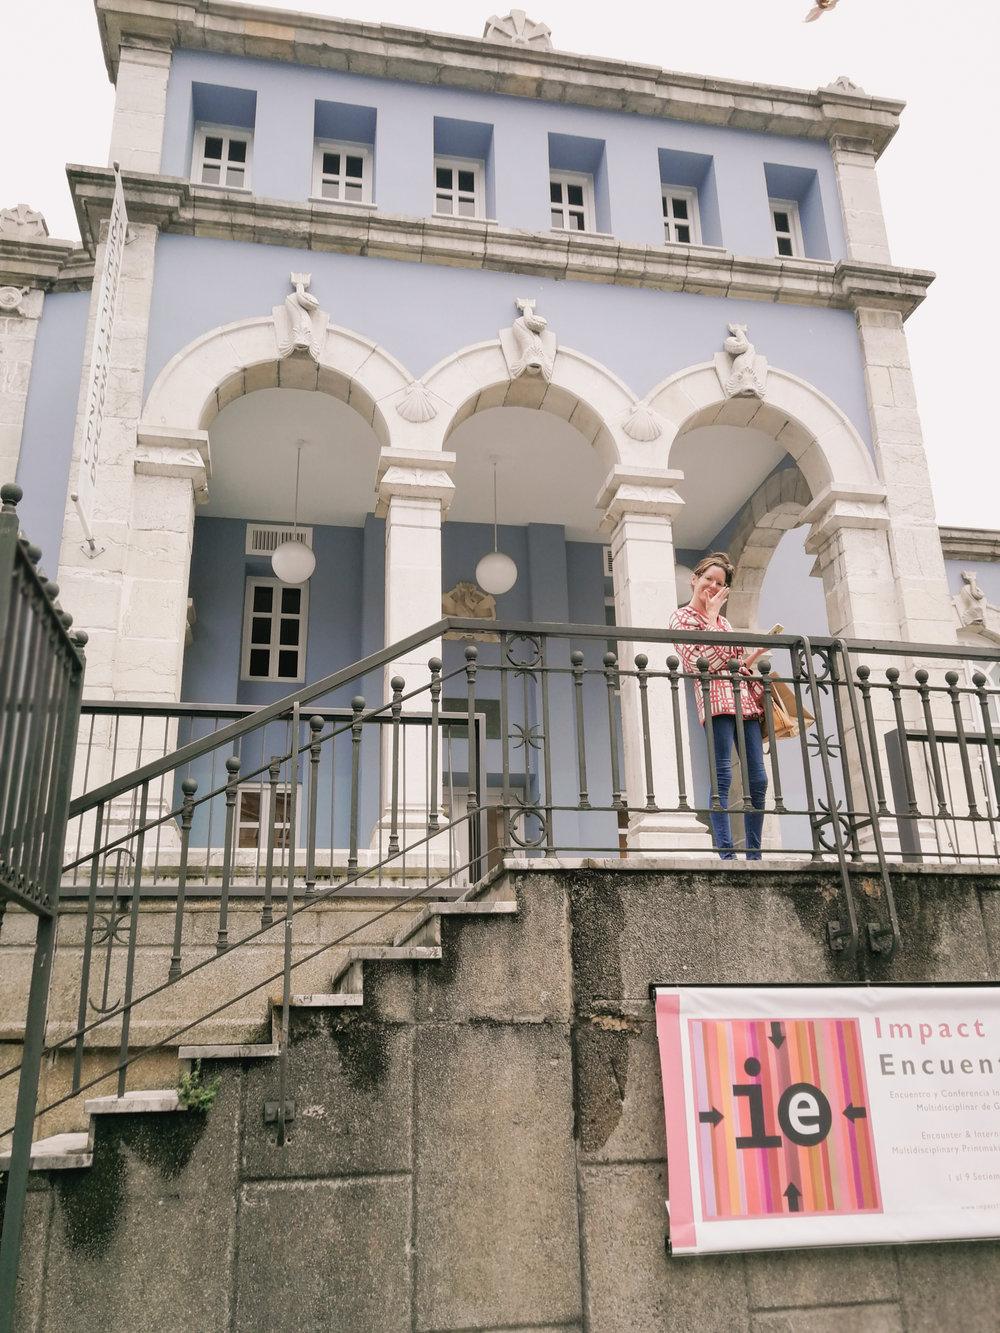 encuentro-exhibition-photos-145034.jpg